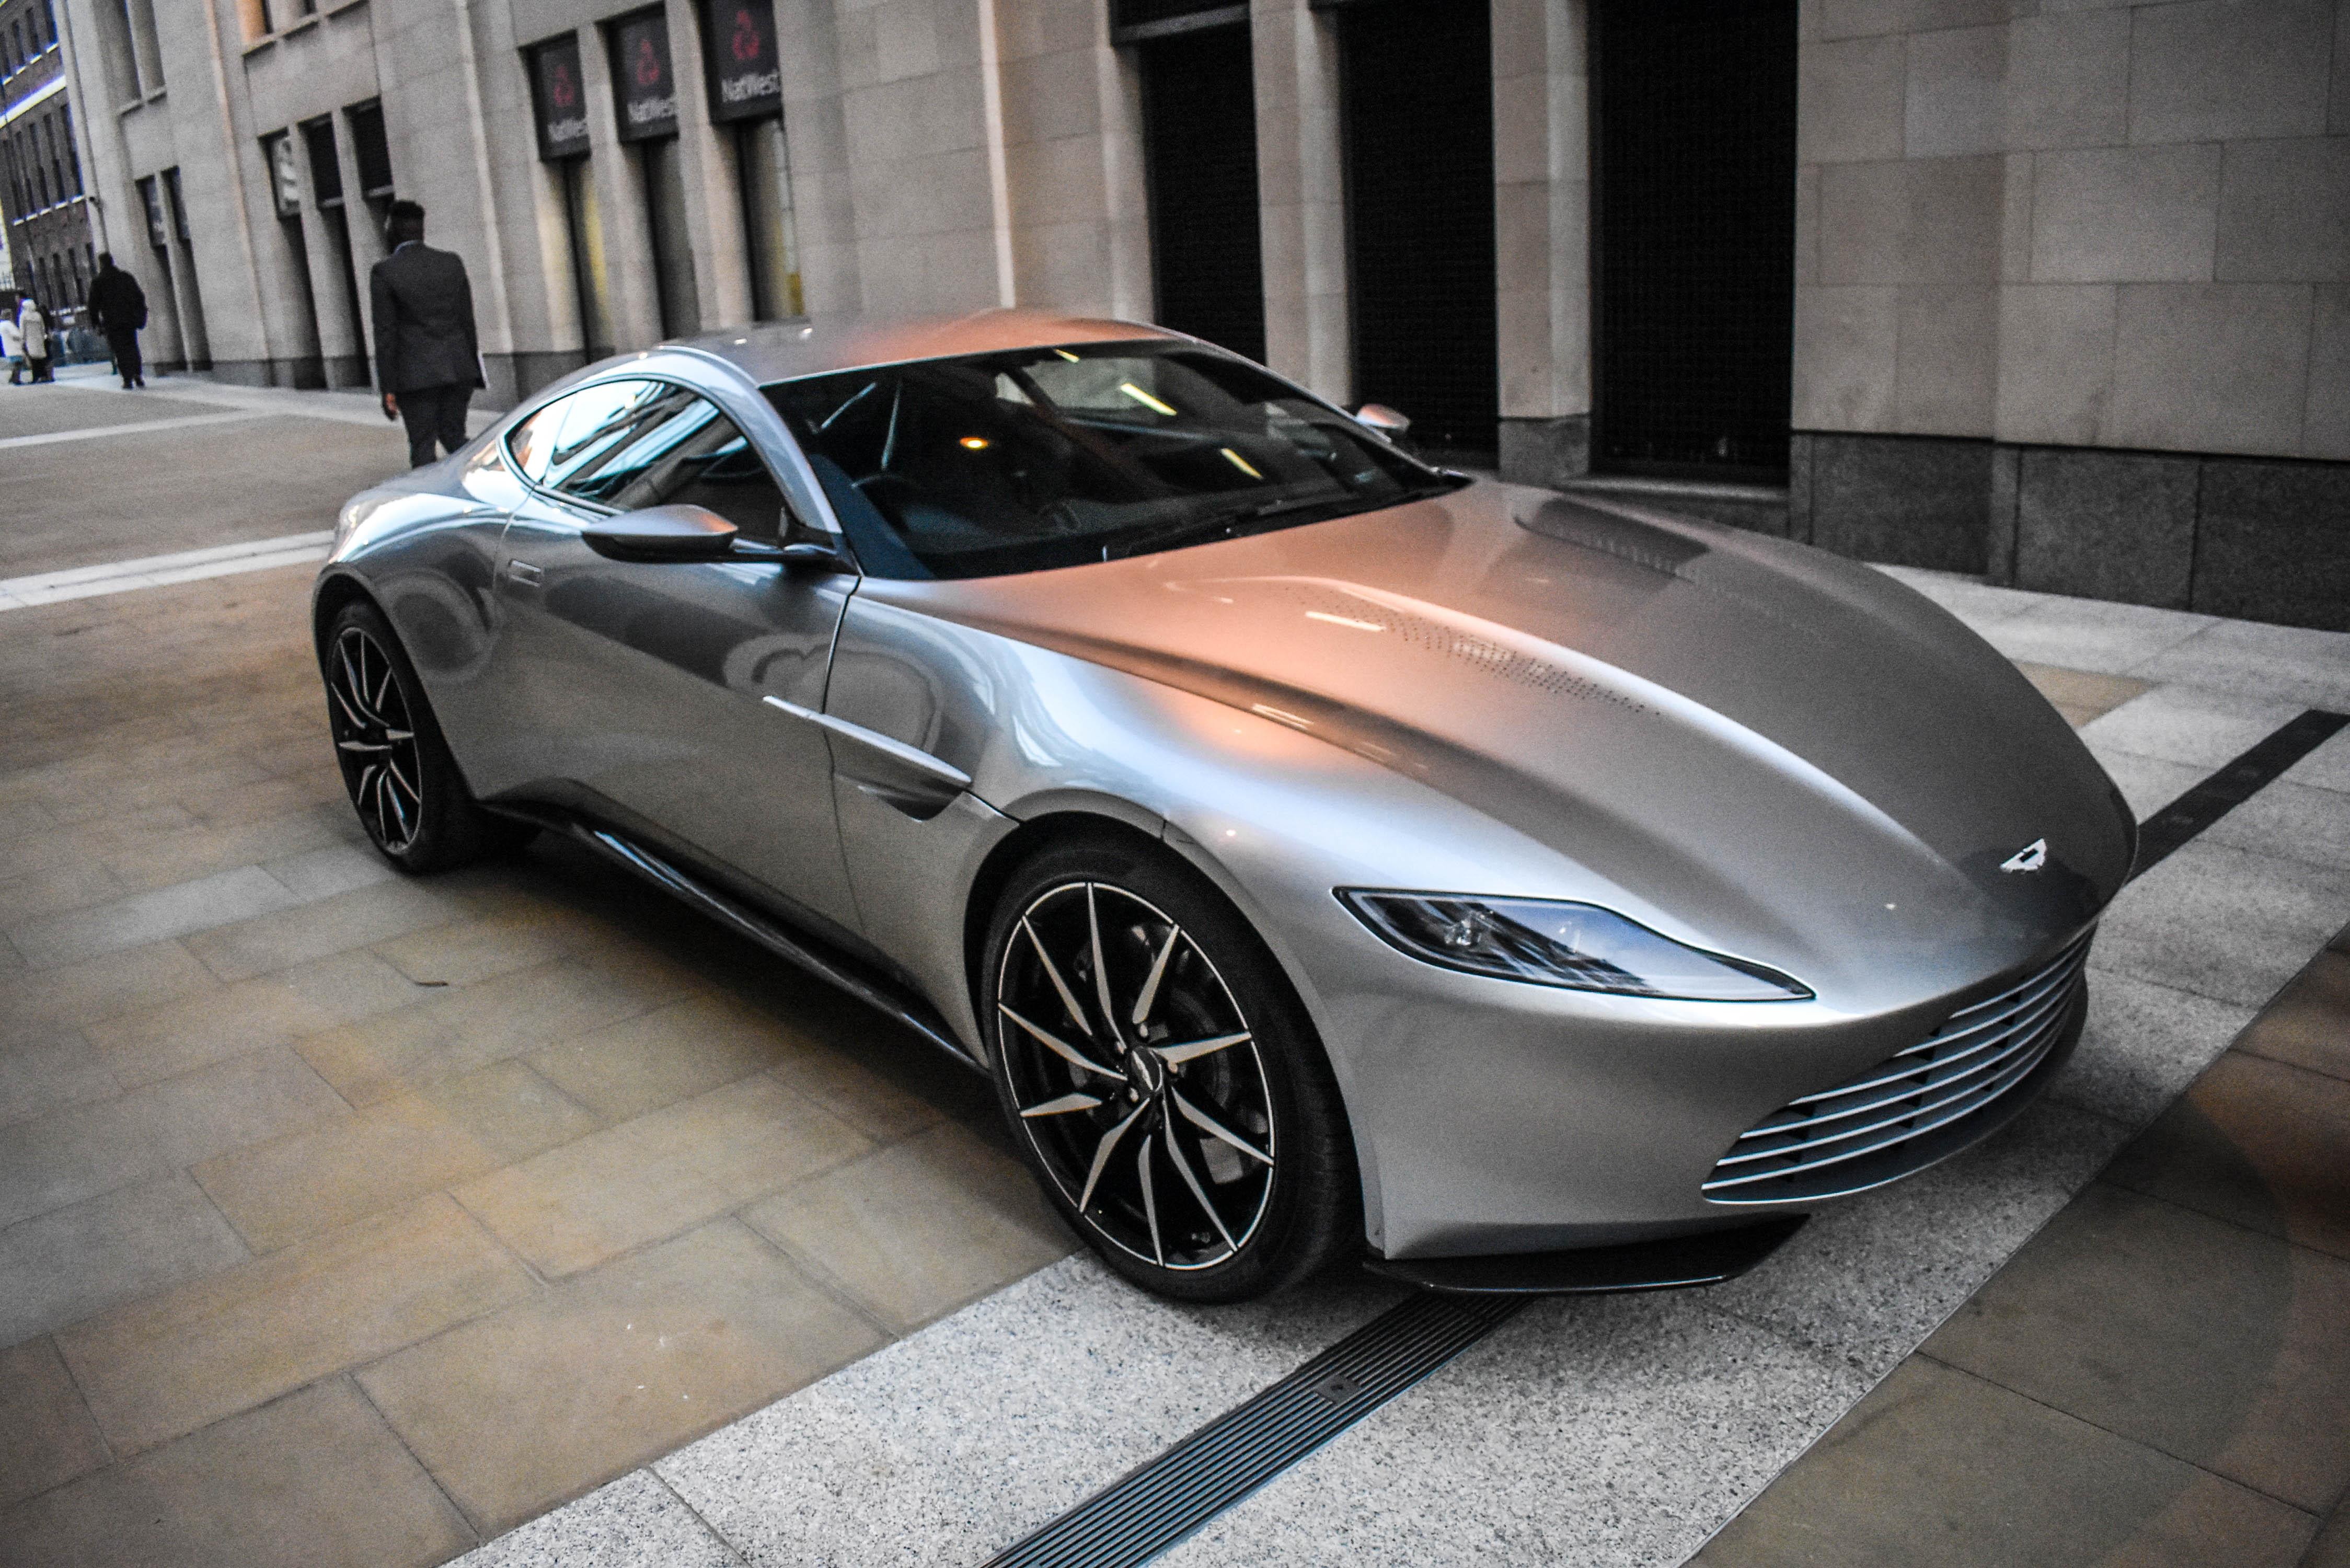 Aston Martin Db10 Wikipédia